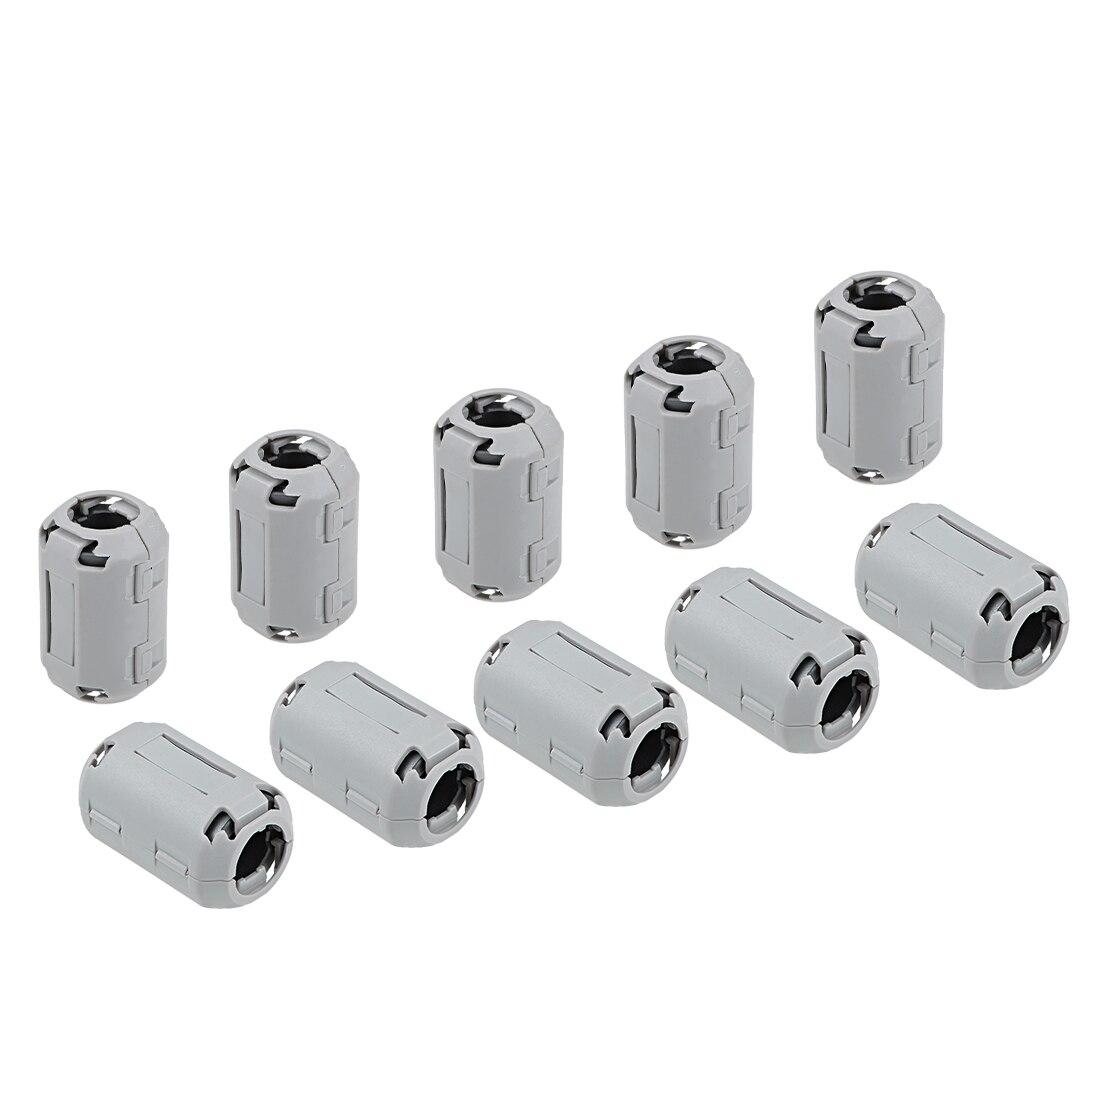 Uxcell 13mm núcleos de ferrita anillo Clip-On RFI EMI supresión de ruido filtro Clip de Cable, gris 10 Uds